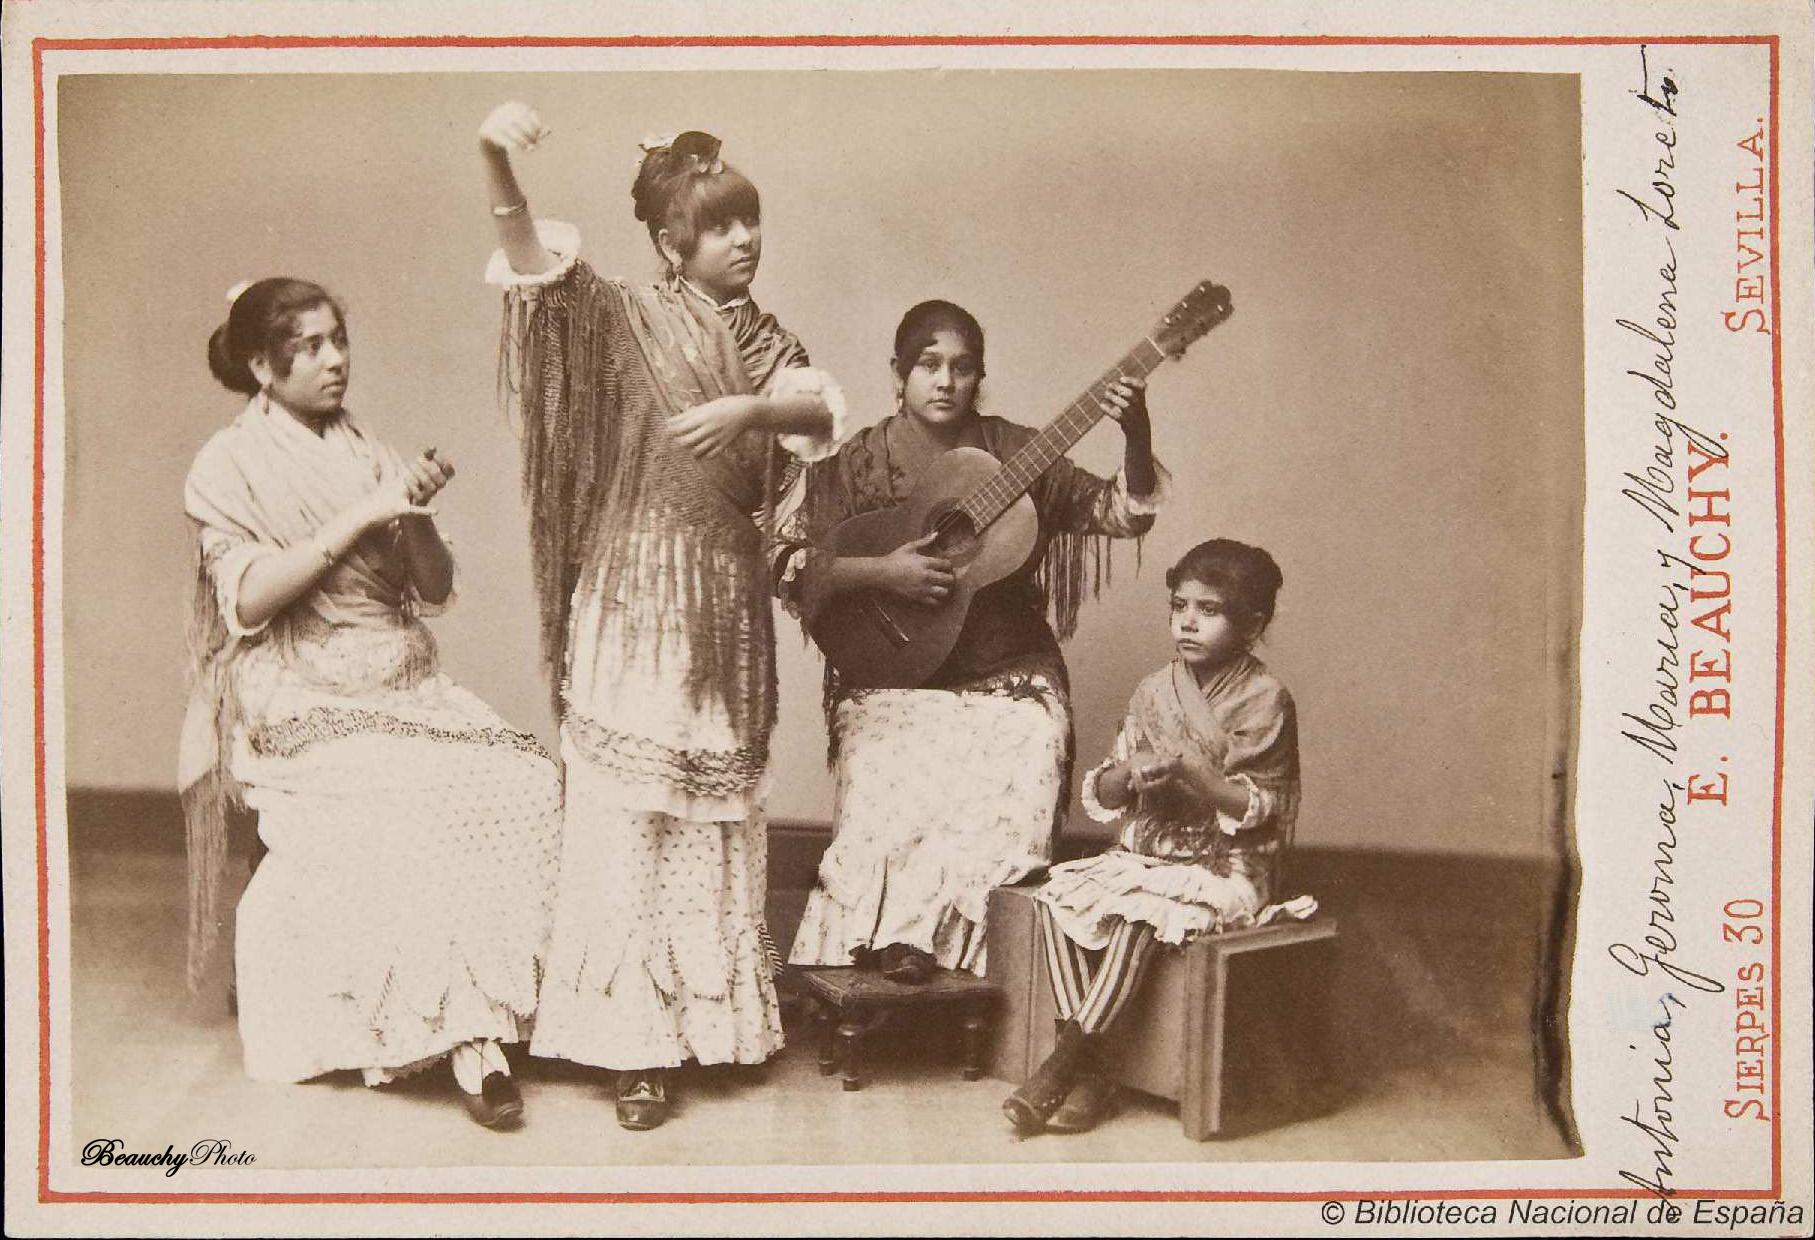 beauchyphoto_grupo_flamenco_femenino_de_antonia_jeroma_maria_y_magdalena_loreto_emilio_beauchy_cano_fotografias_antiguas_postales_retratos